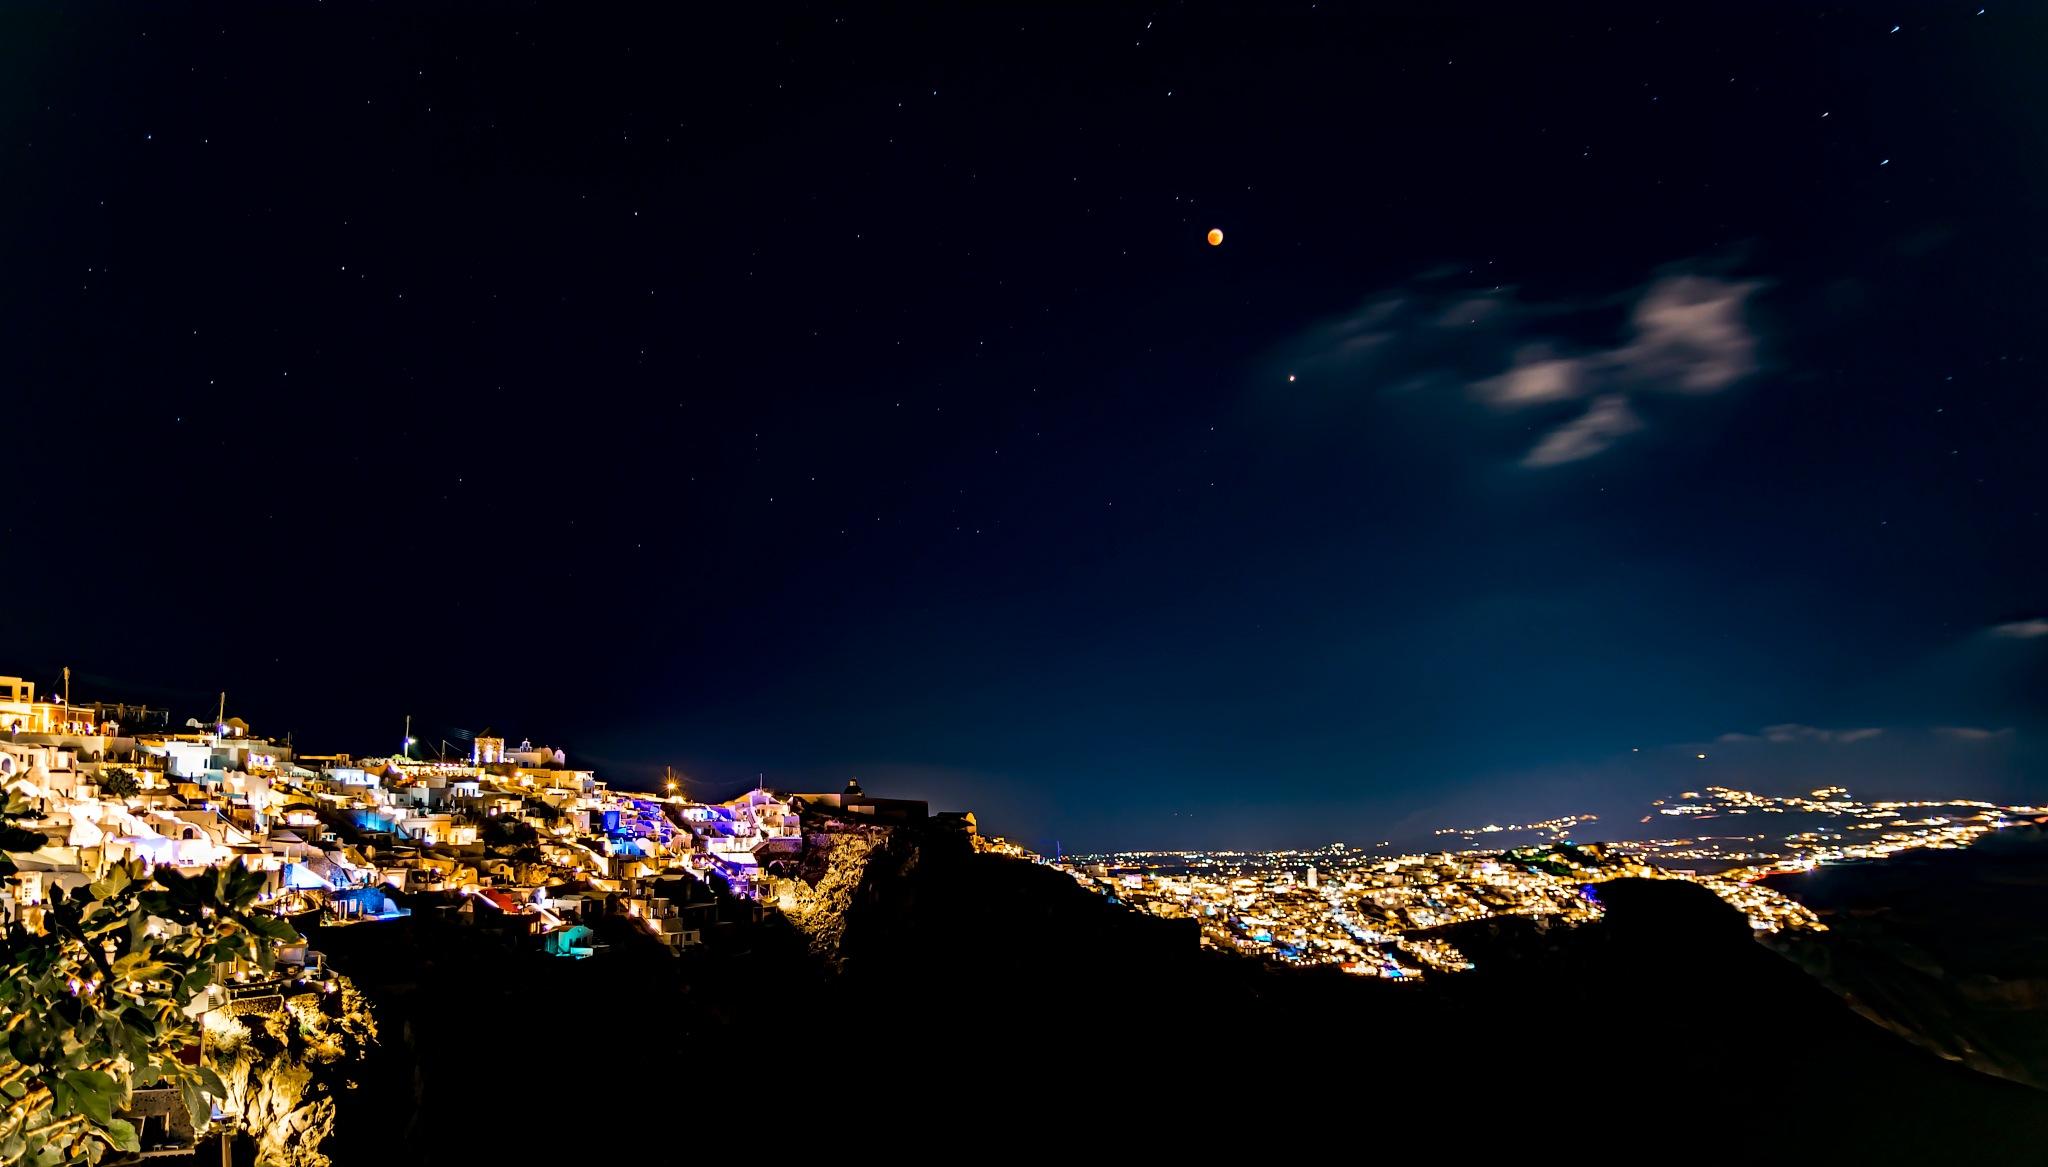 Eclipse by Alex Del Priore